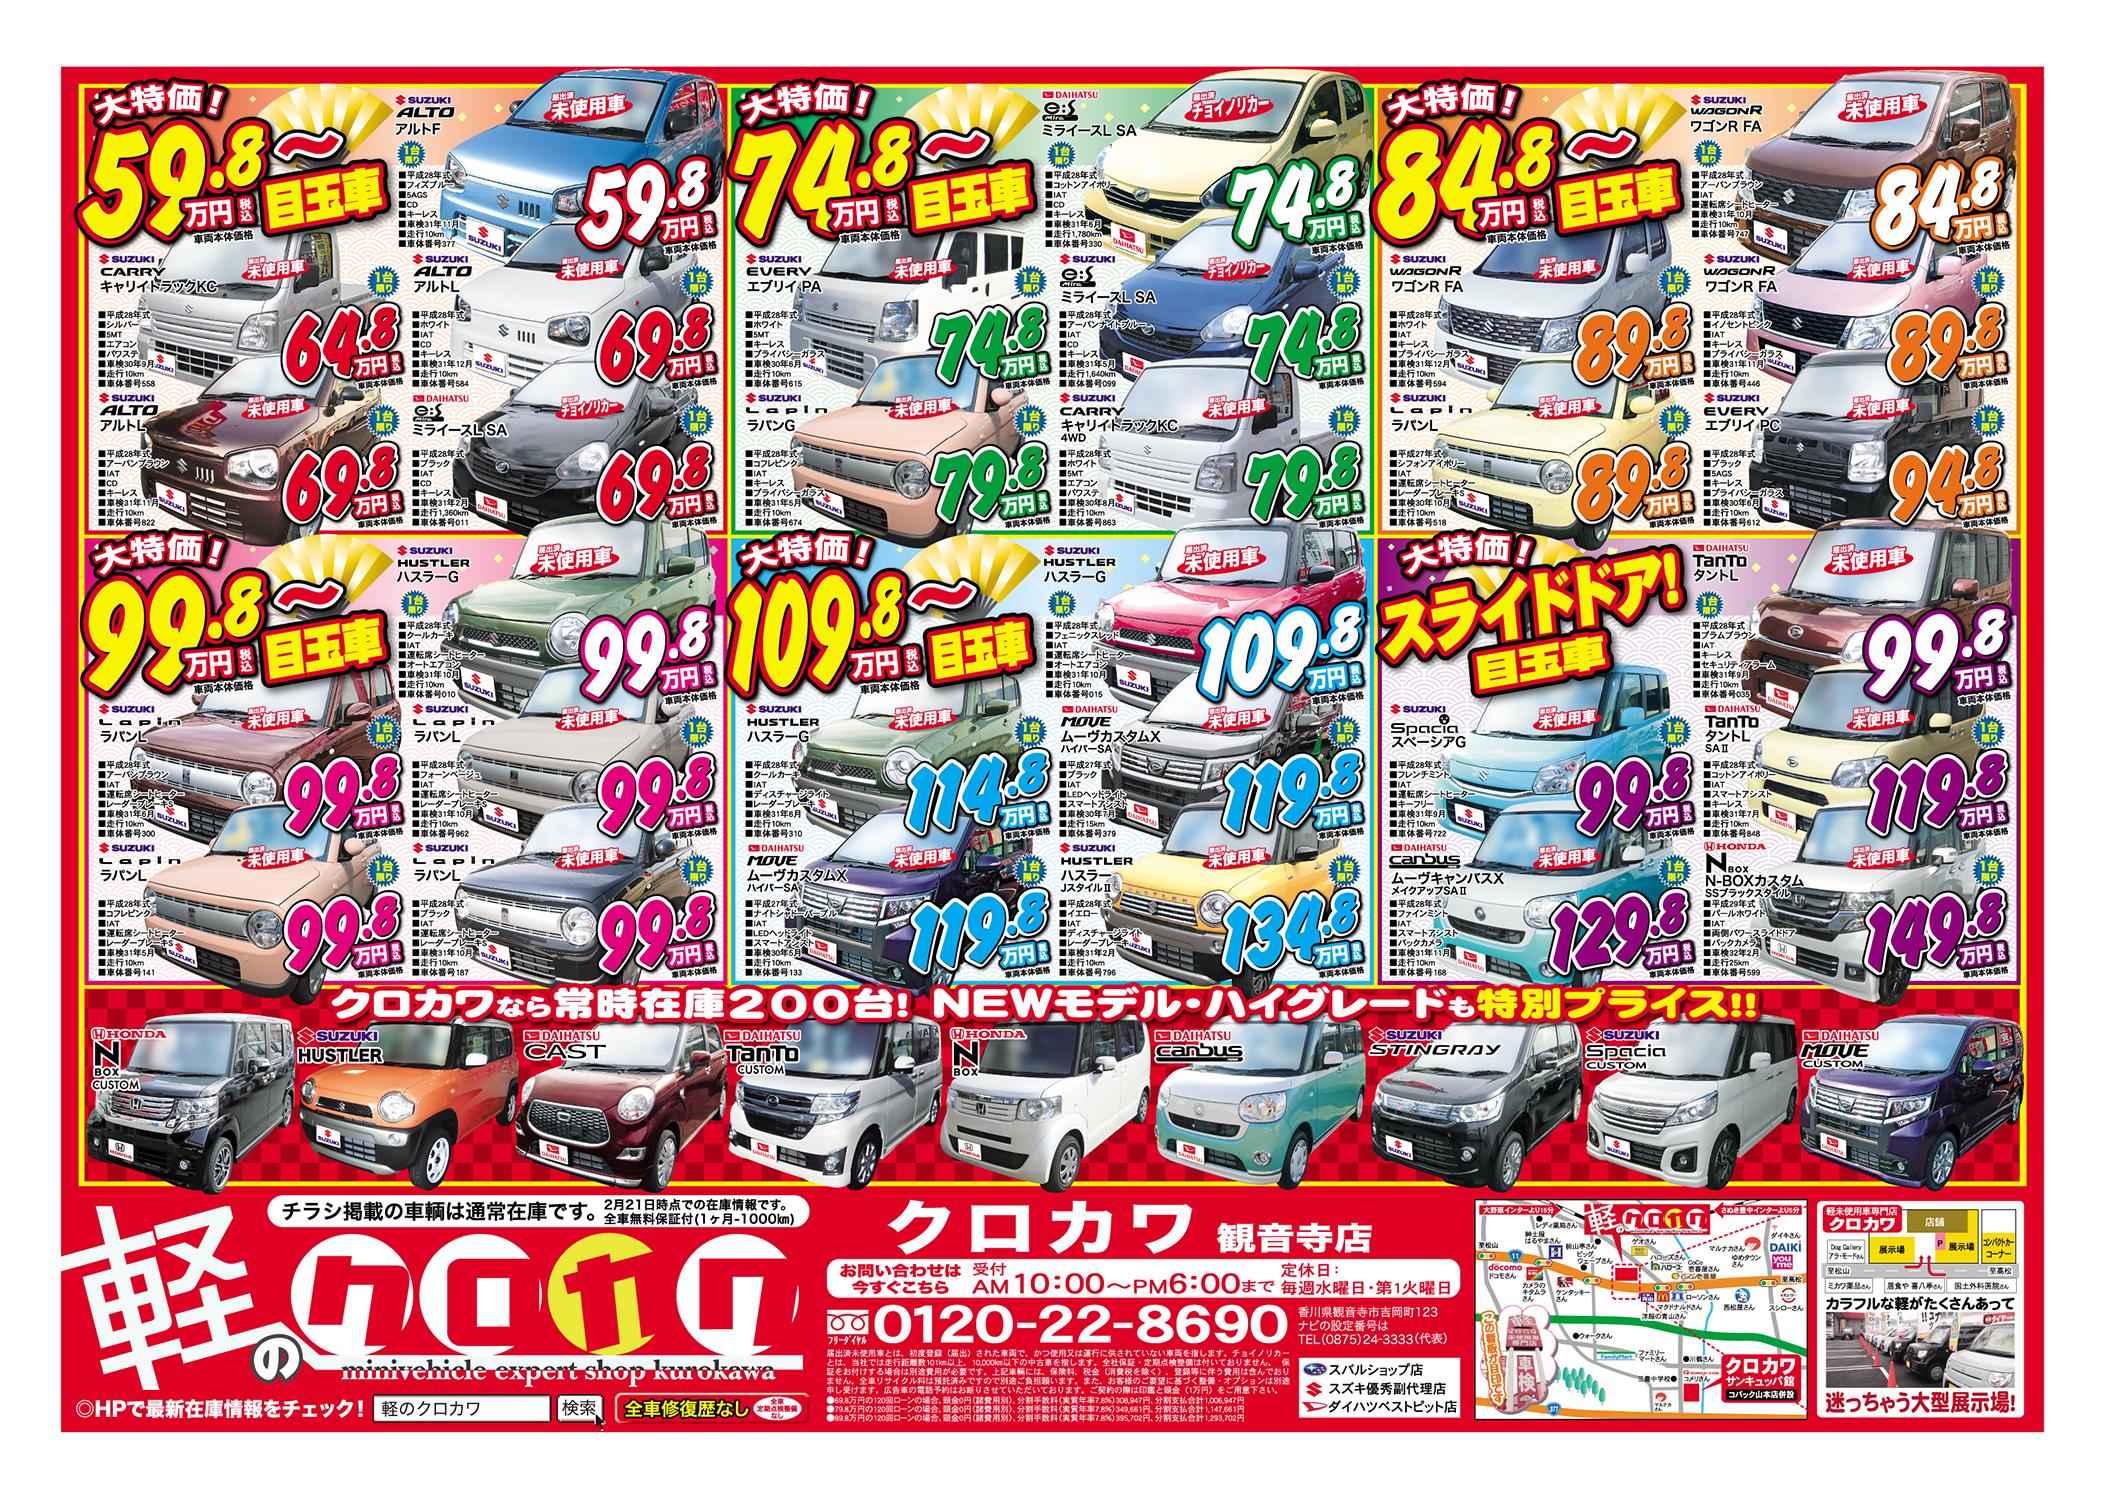 軽のクロカワお得な大決算!!